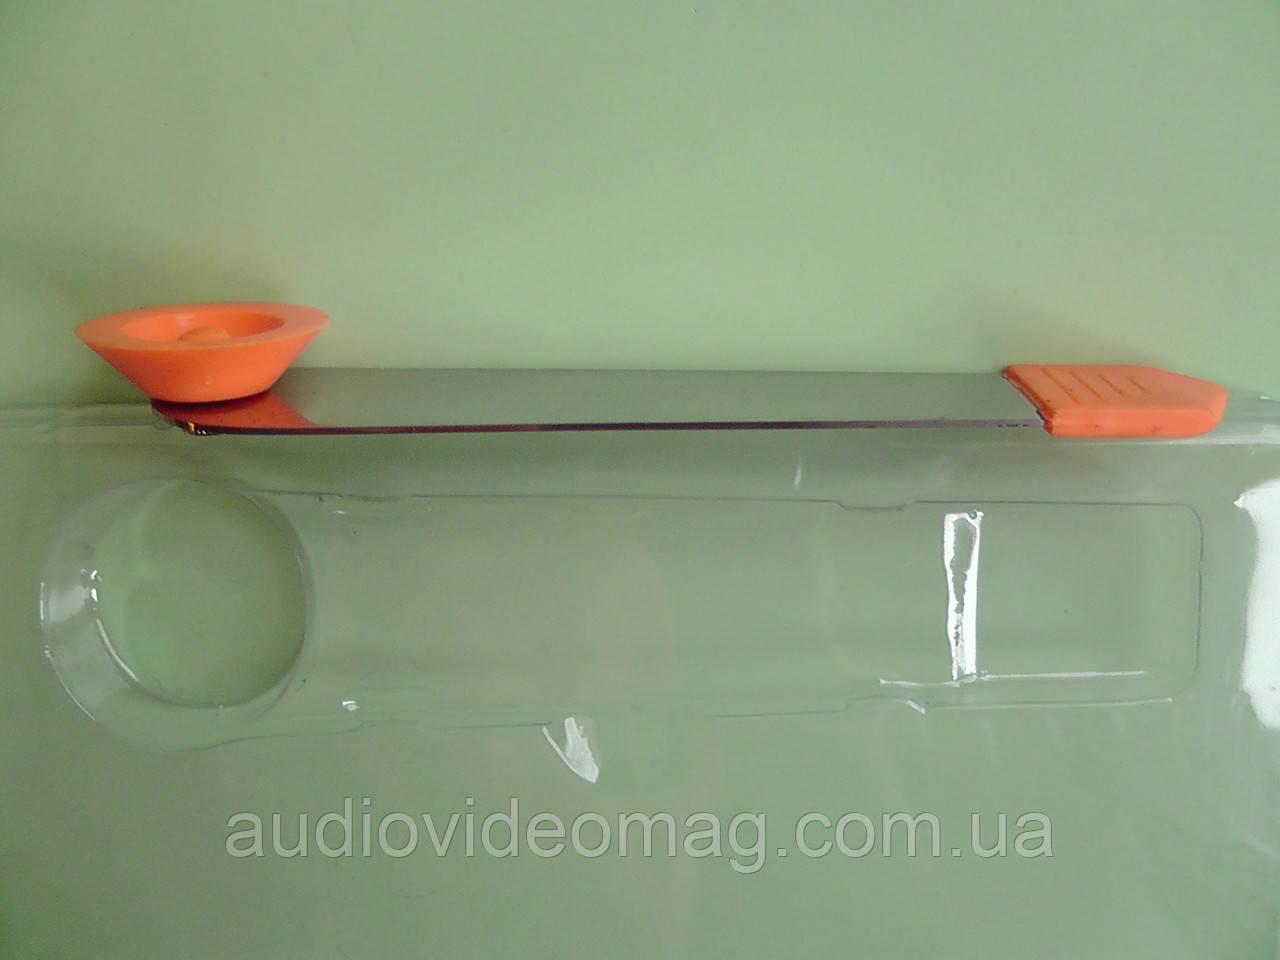 Плектр с роликом для вскрытия корпусов телефонов, планшетов